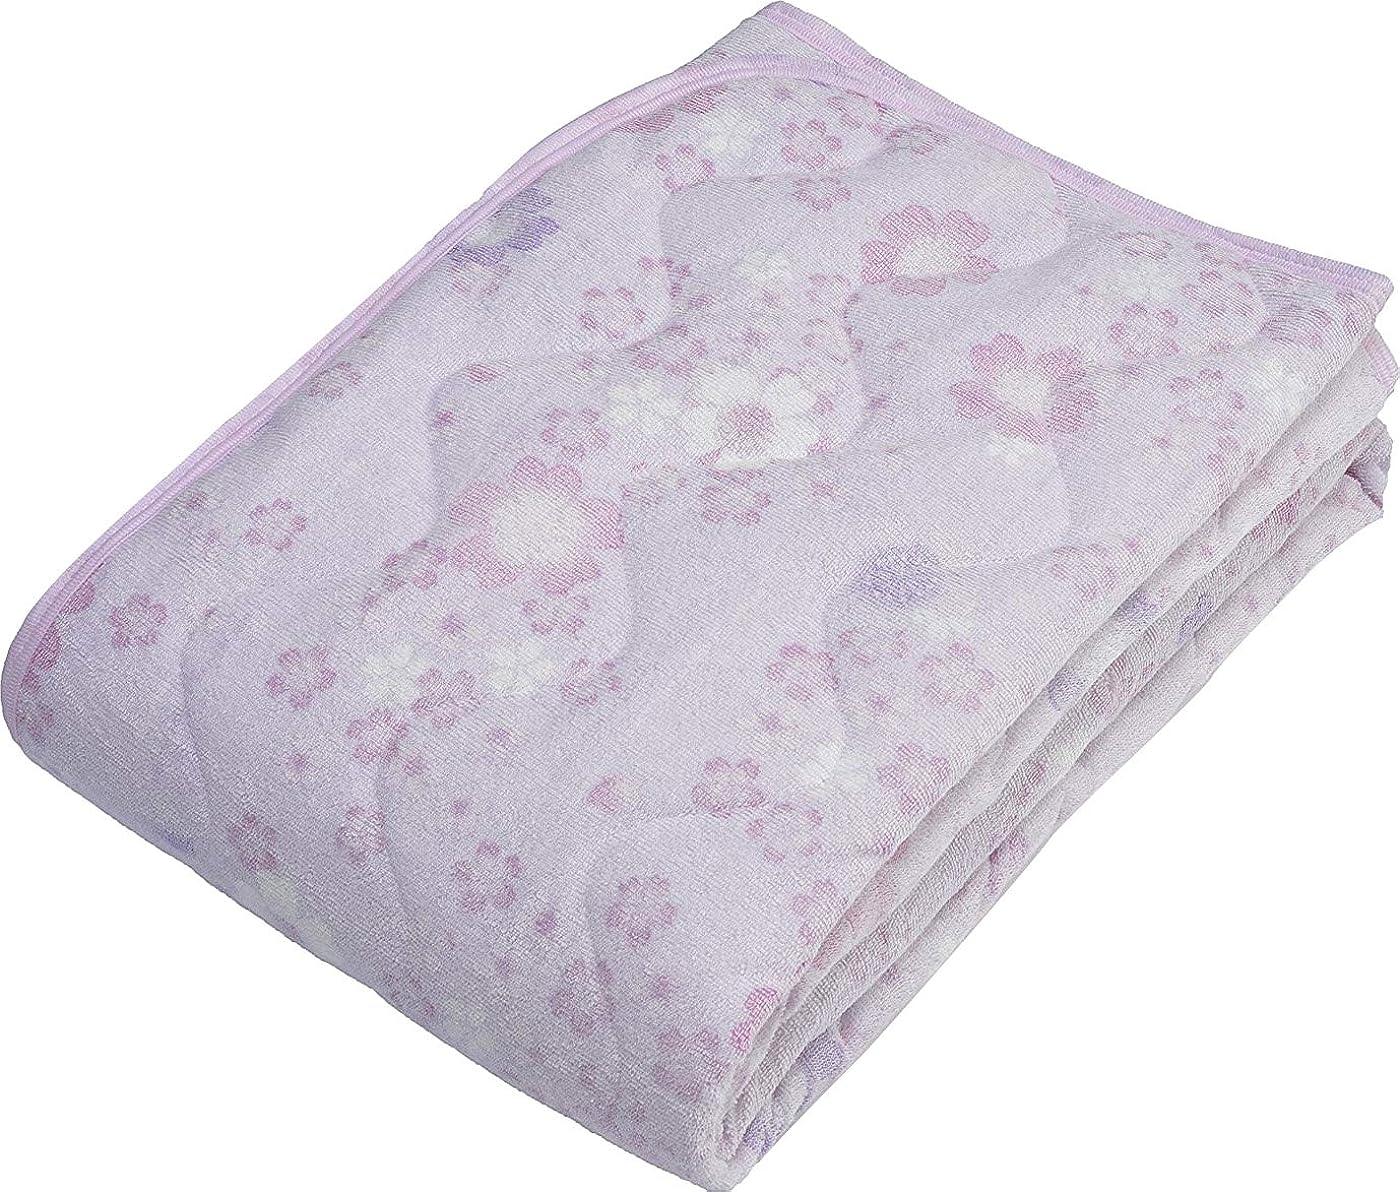 手入れ気晴らしハード西川(Nishikawa) ピンク シングル 100×205㎝ 敷きパッド 洗える パイル地 綿100% さらさら 5CS3805